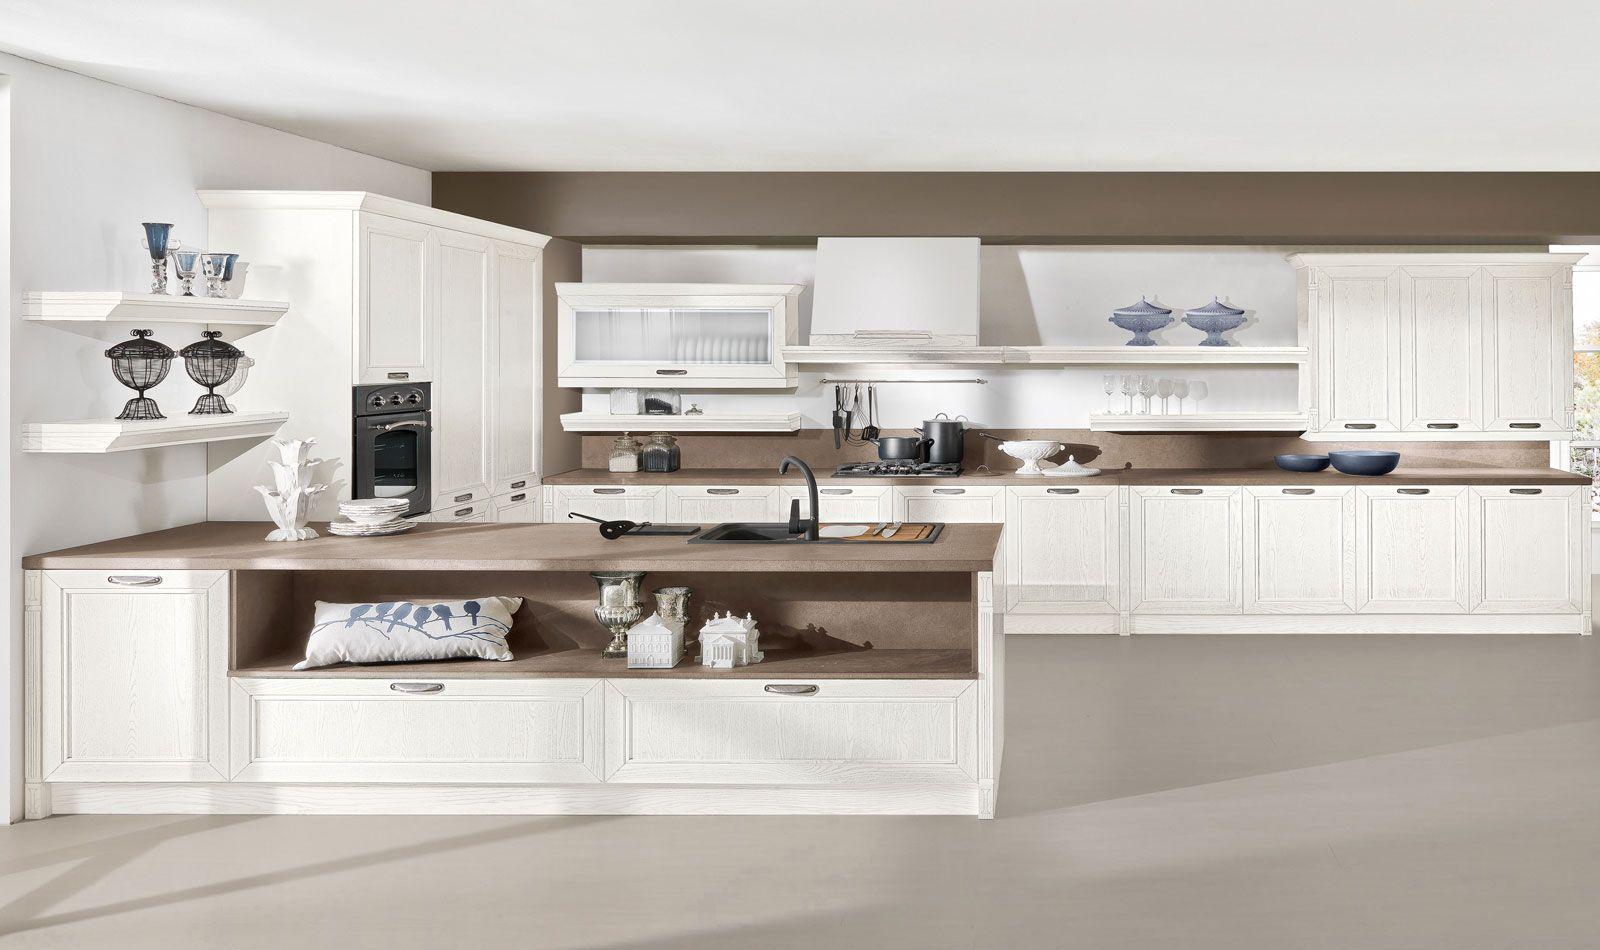 arredo3 cucine moderne cucine classiche cucina cucine cucine componibilicucine